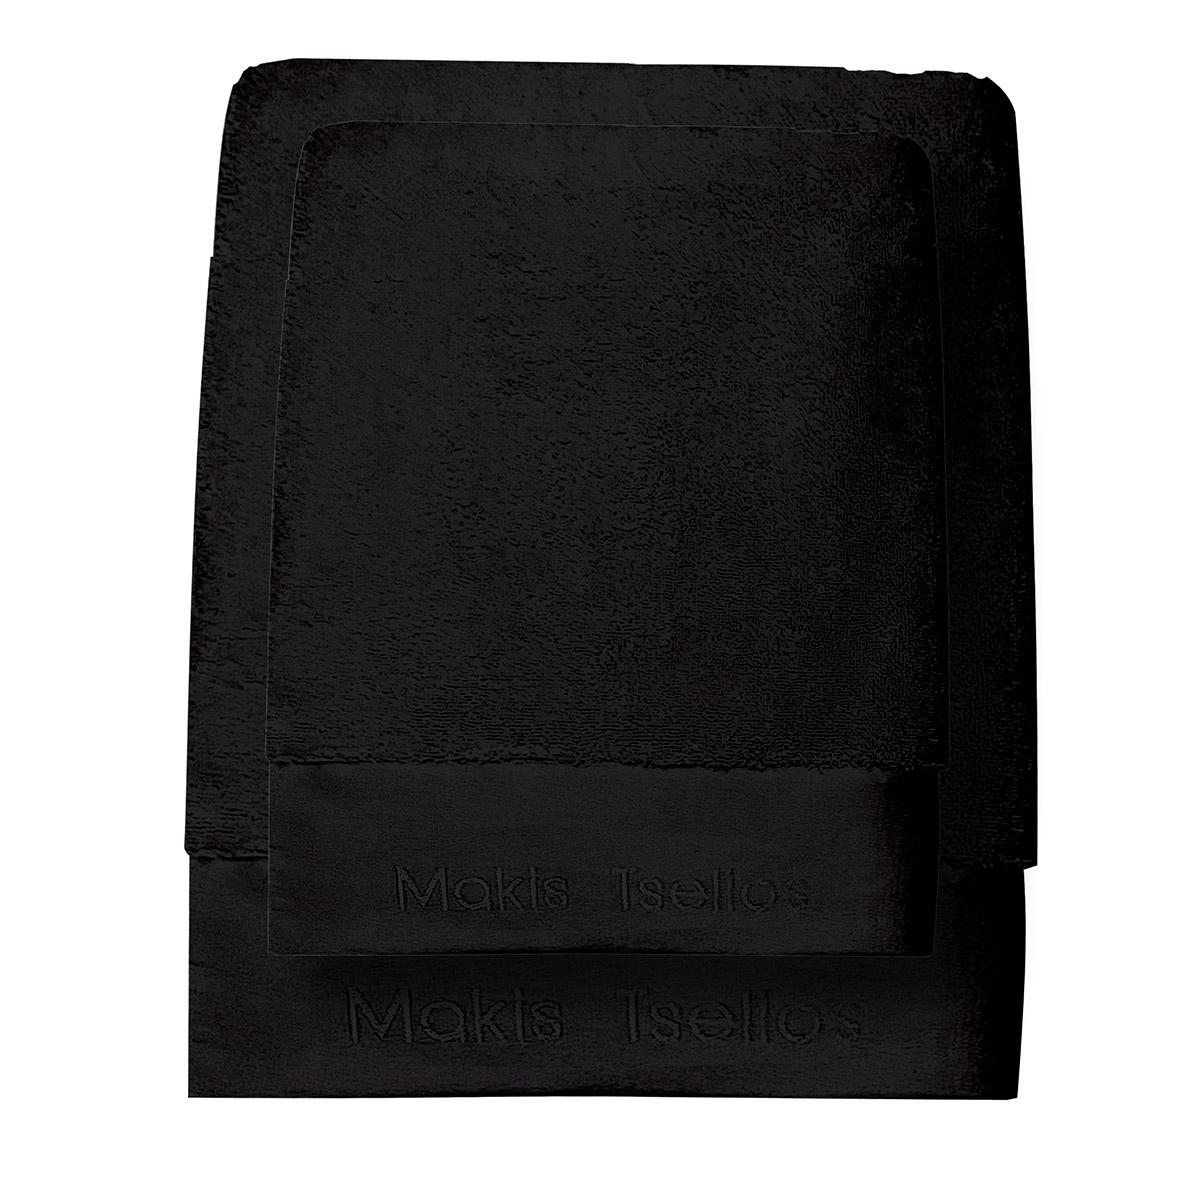 Πετσέτες Μπάνιου (Σετ 3τμχ) Makis Tselios Feel 7 Steel Grey